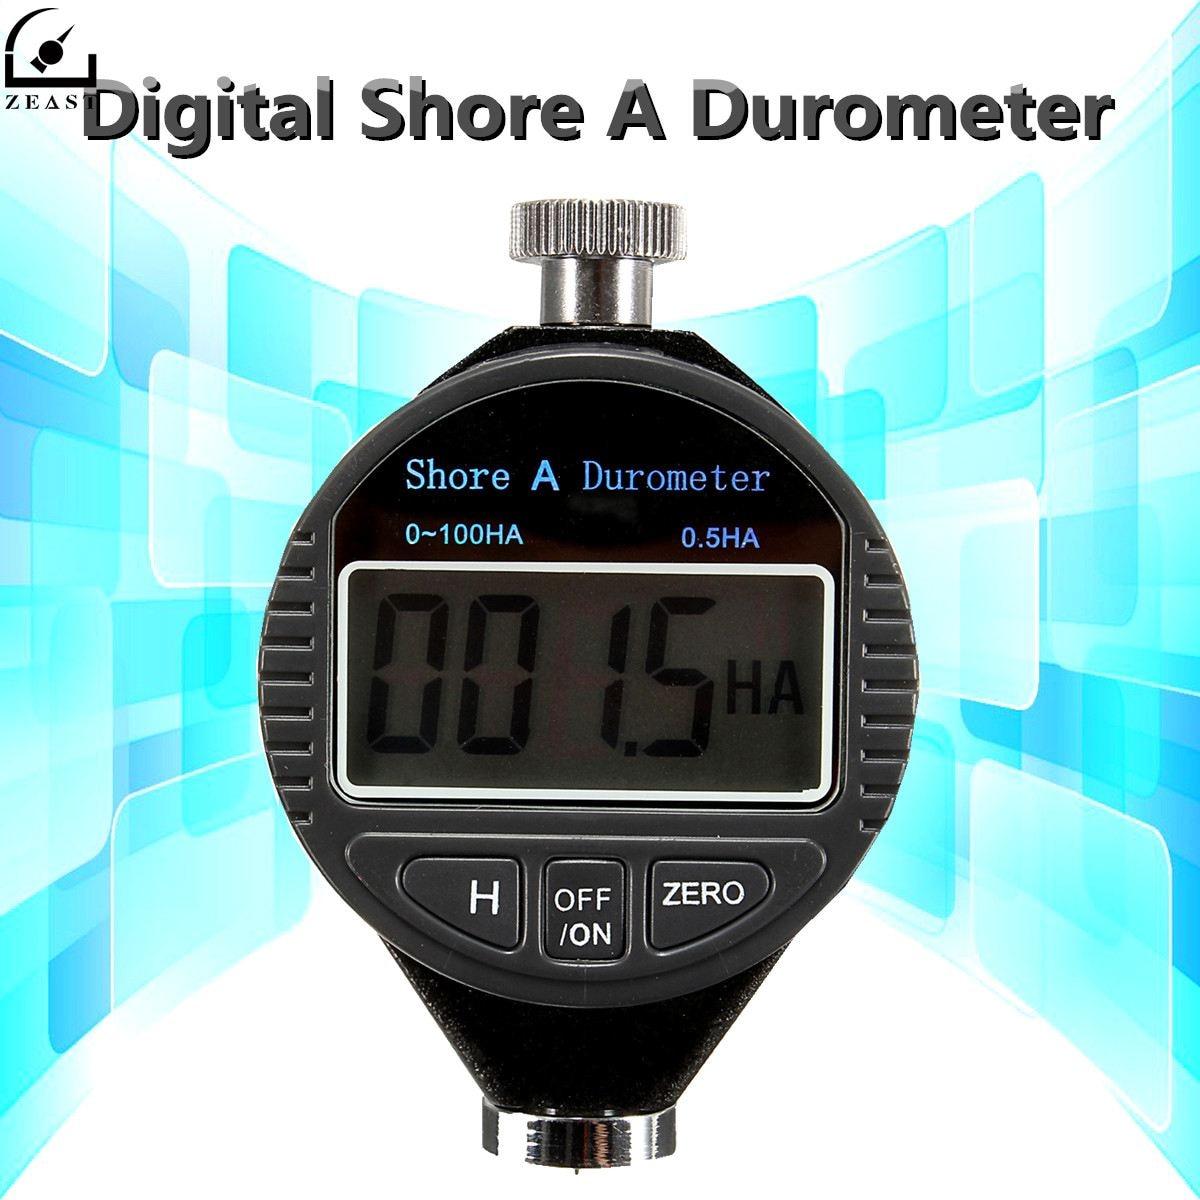 Härteprüfer 0 ~ 100ha Digitale Shore Durometer Tester Reifen Gummi Lcd Display Meter